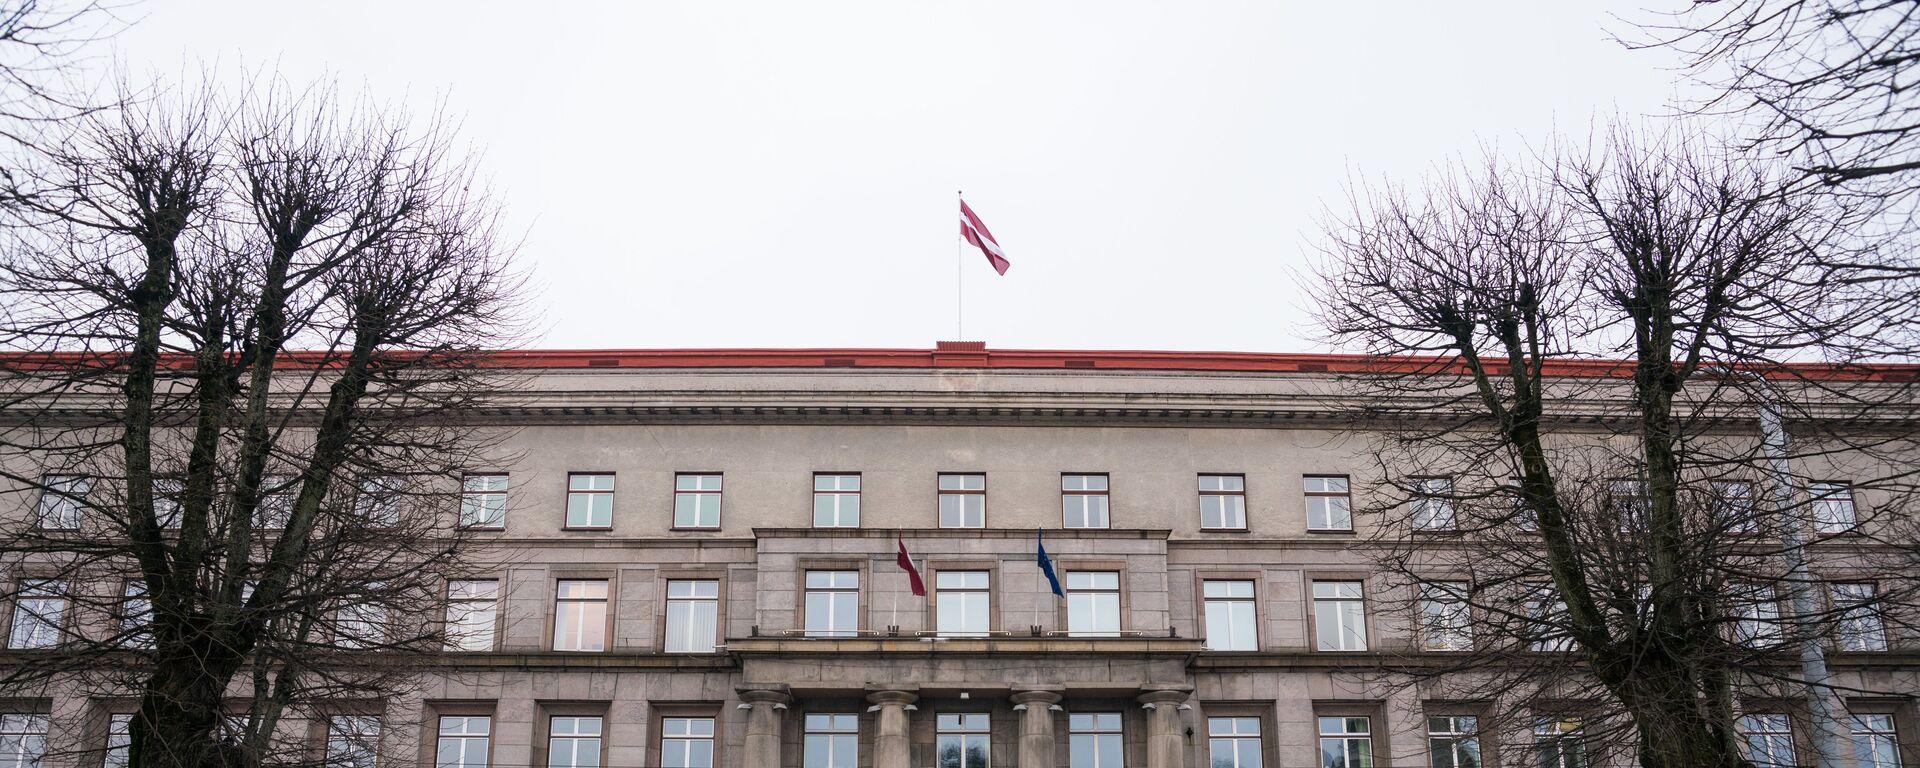 Здание Кабинета министров Латвии в Риге - Sputnik Латвия, 1920, 03.02.2021